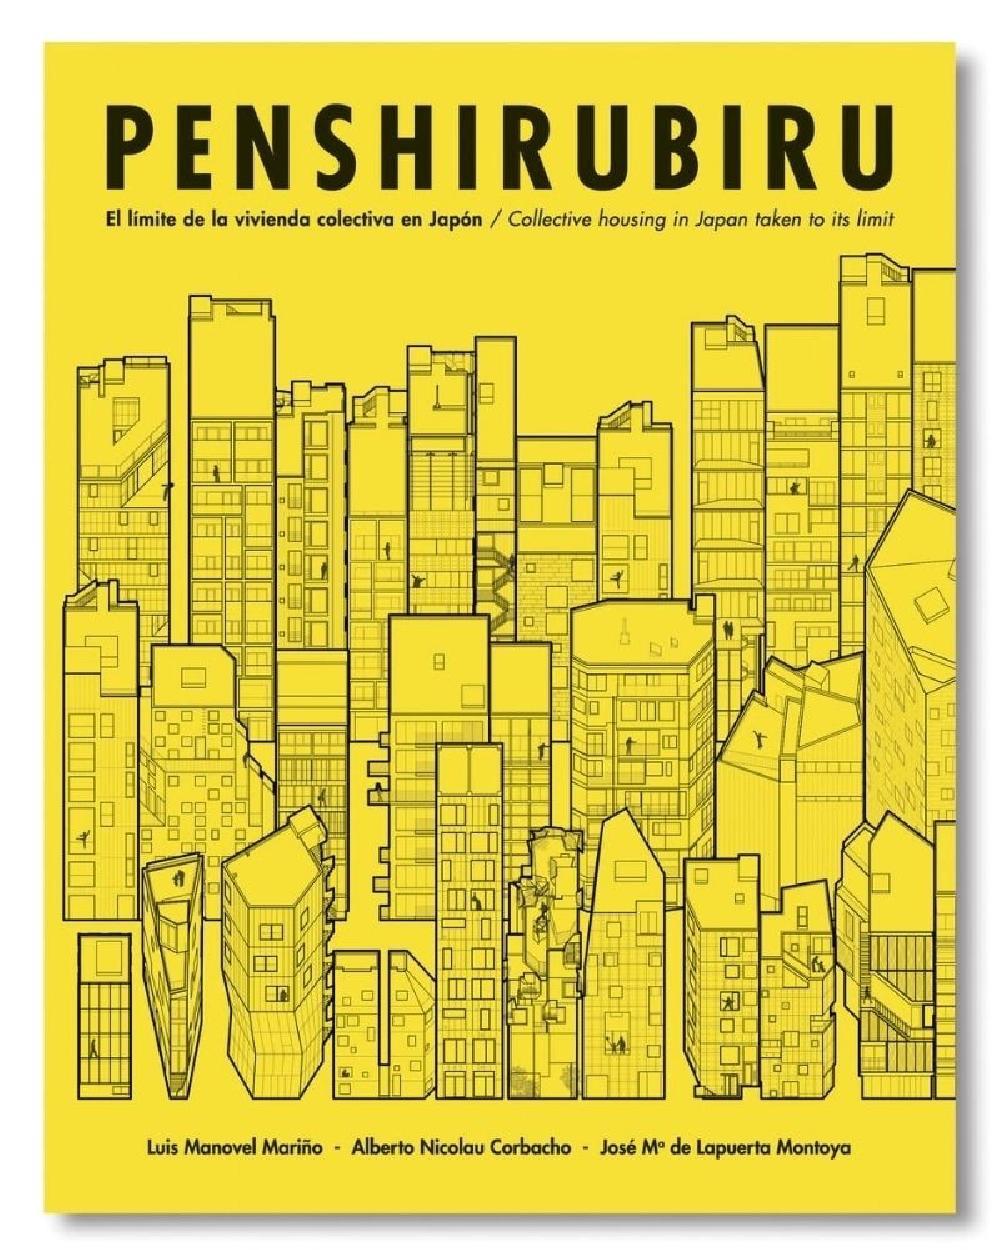 Penshirubiru: El Limite de la Vivienda Colectiva en Japon / Collective housing in Japan taken to its